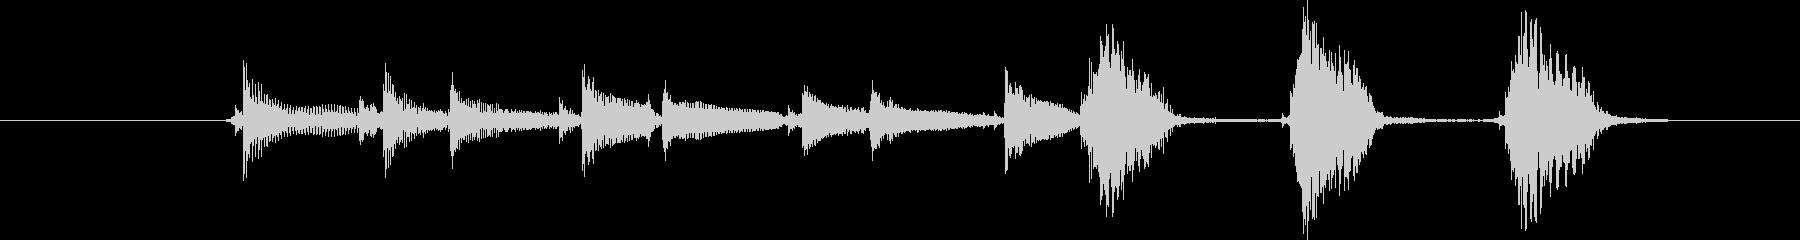 沖縄三線の音でインパクトのある掴みの未再生の波形